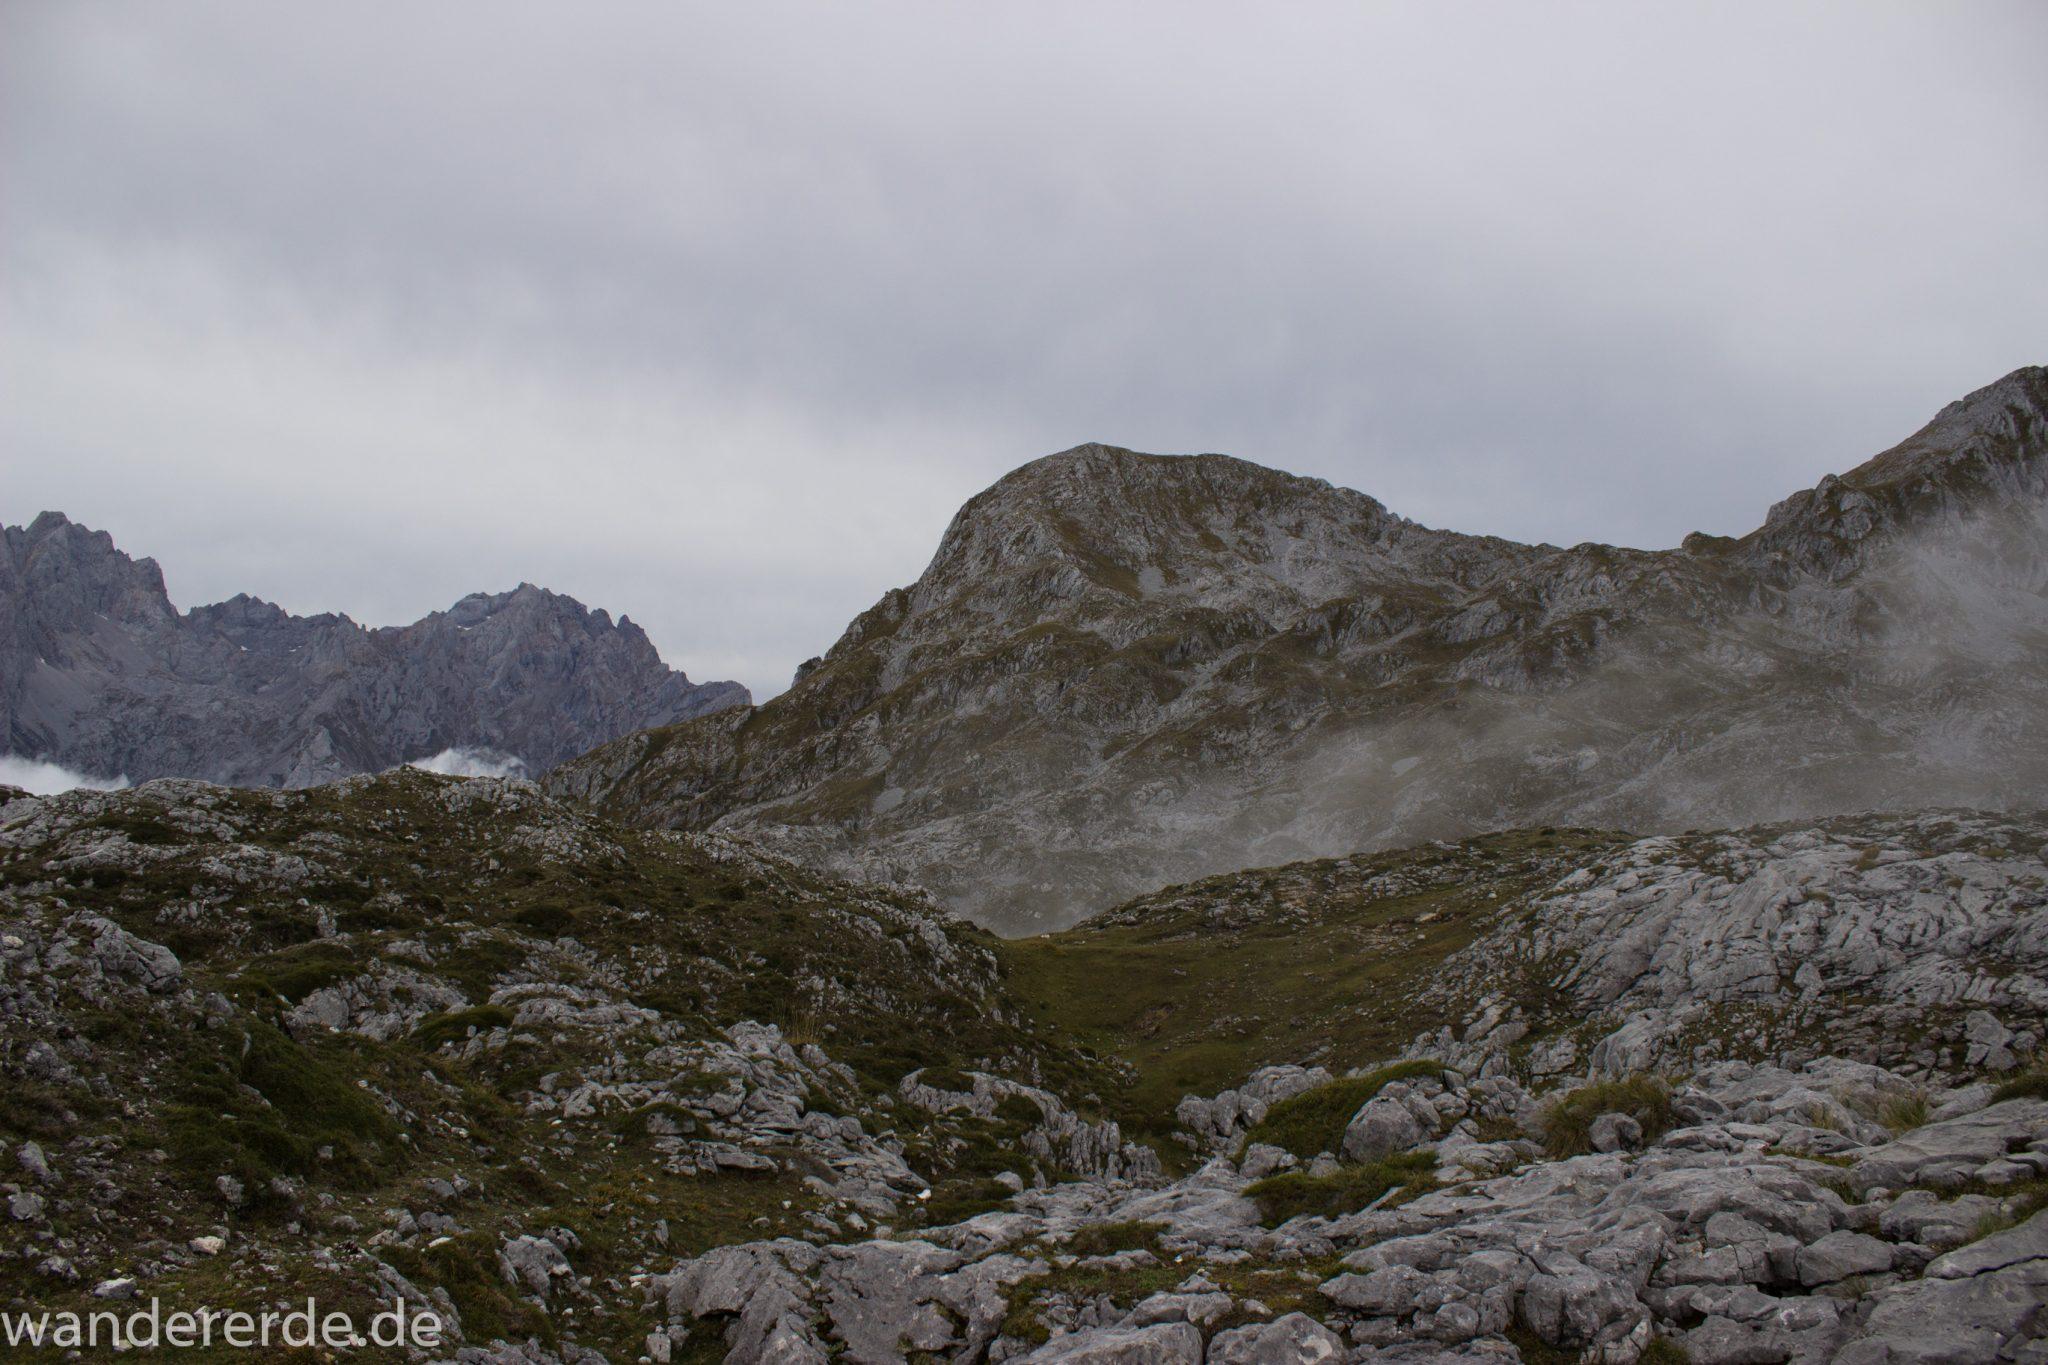 Wanderung Vega de Ario Picos de Europa Spanien, dichte Wolken, Bergregion in Nordspanien, Wandern, zerklüftete Felsen, Steine, schmaler Wanderpfad, Wolken, atmosphärisch